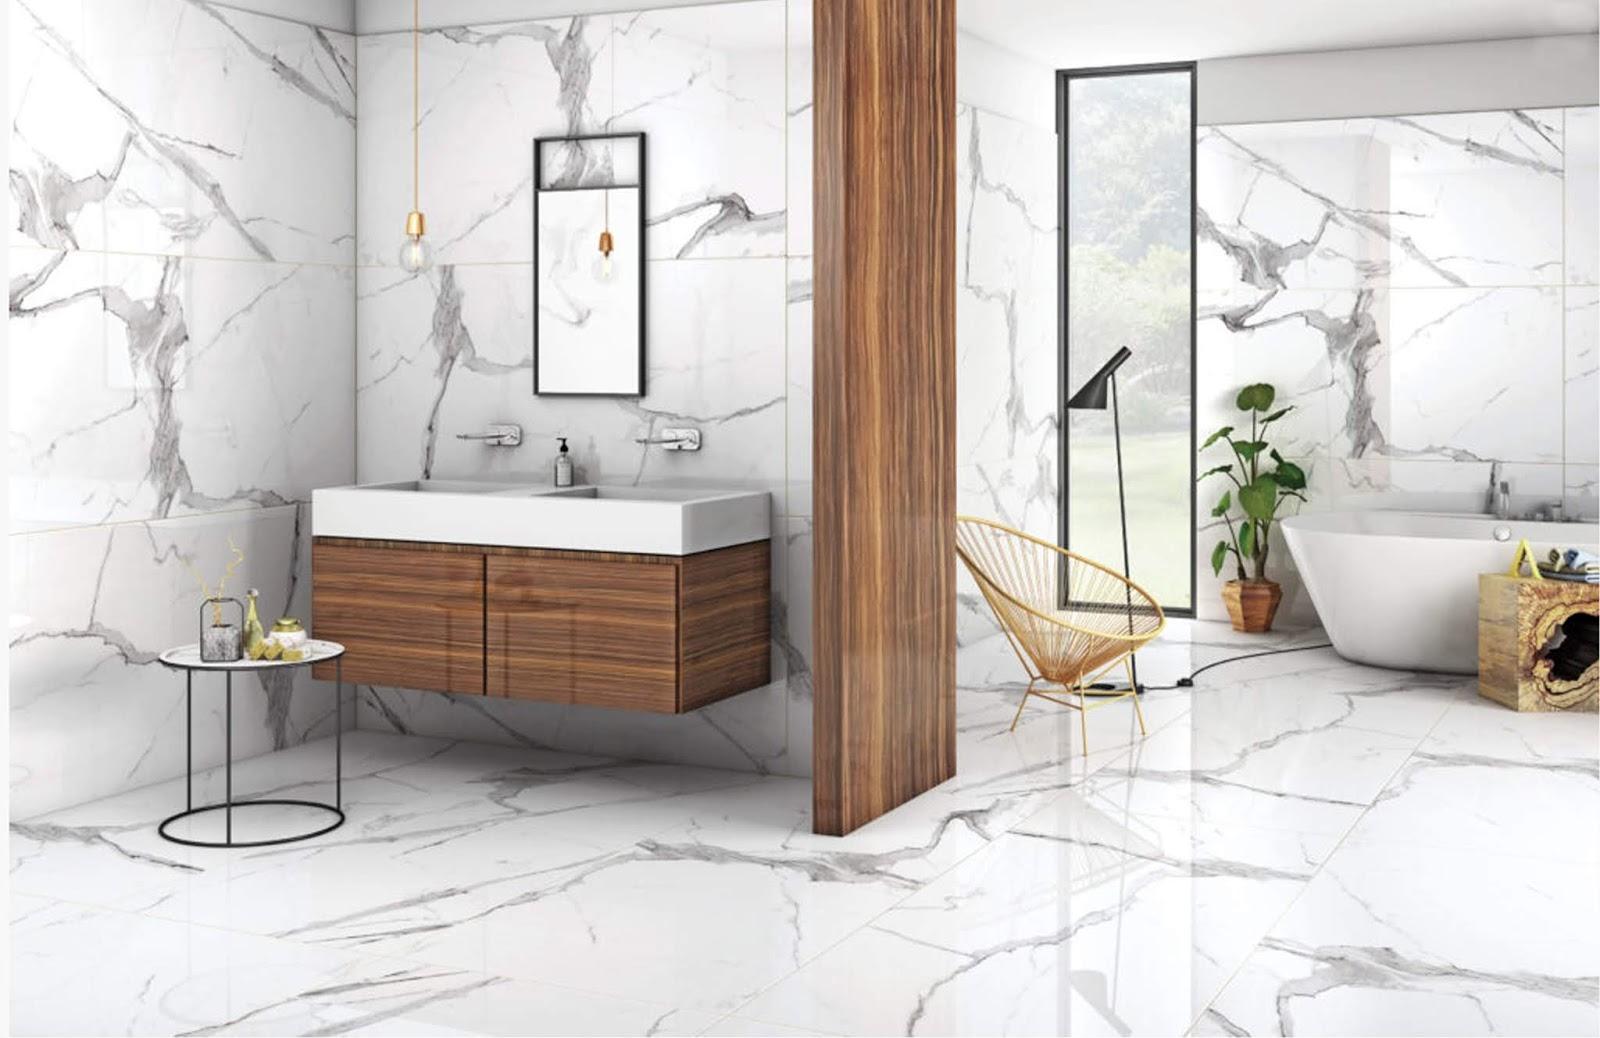 5 thương hiệu thiết bị nhà tắm cao cấp nhất trên thế giới